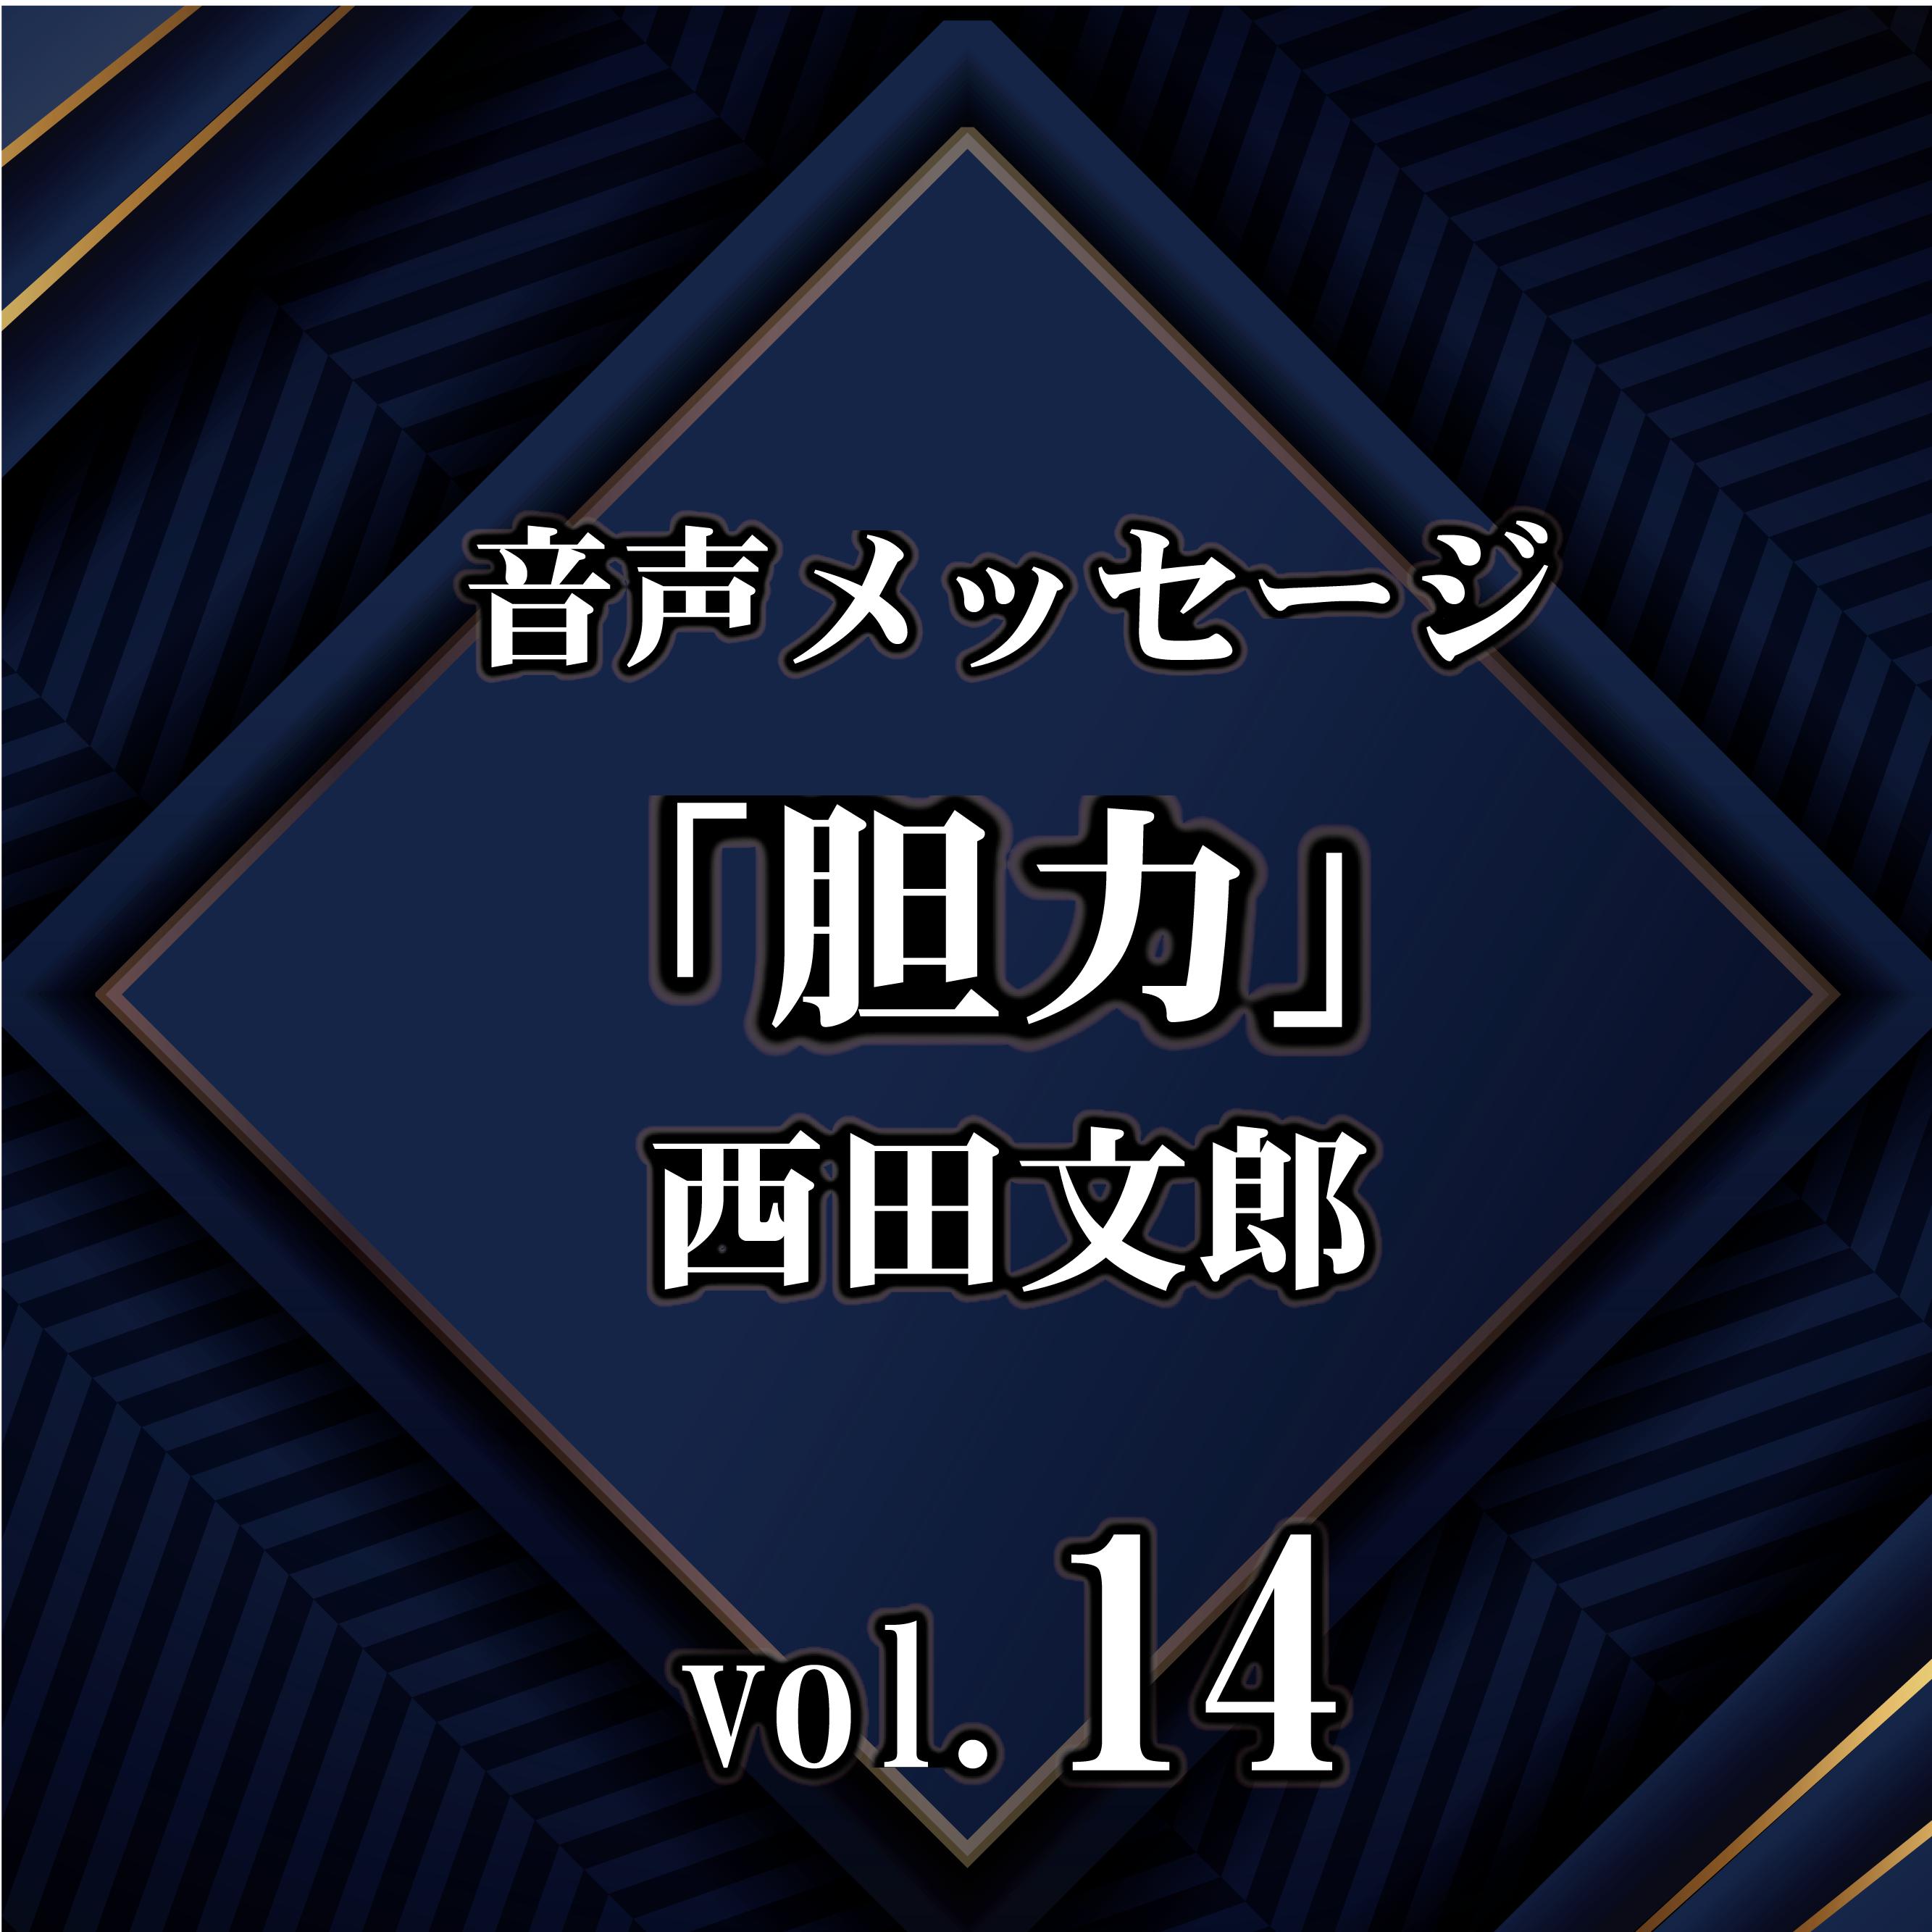 西田文郎 音声メッセージvol.14『胆力』